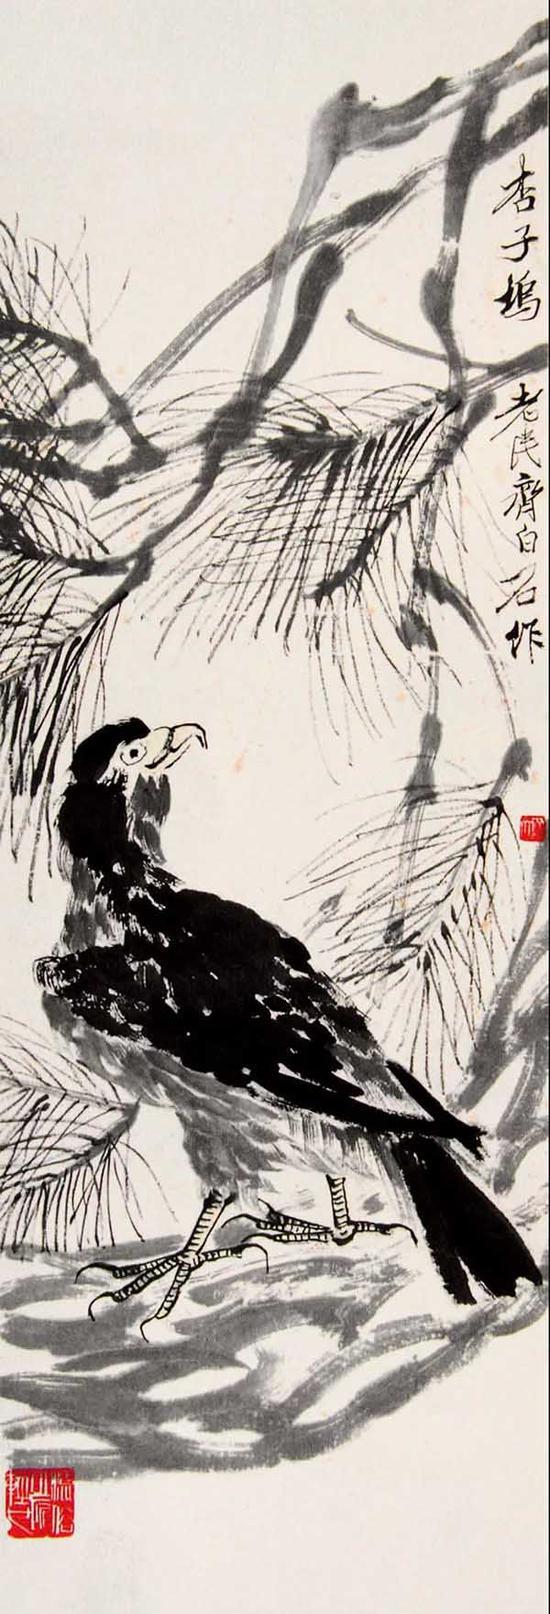 齐白石 松鹰图 101cm×34cm 约20 世纪40年代初期